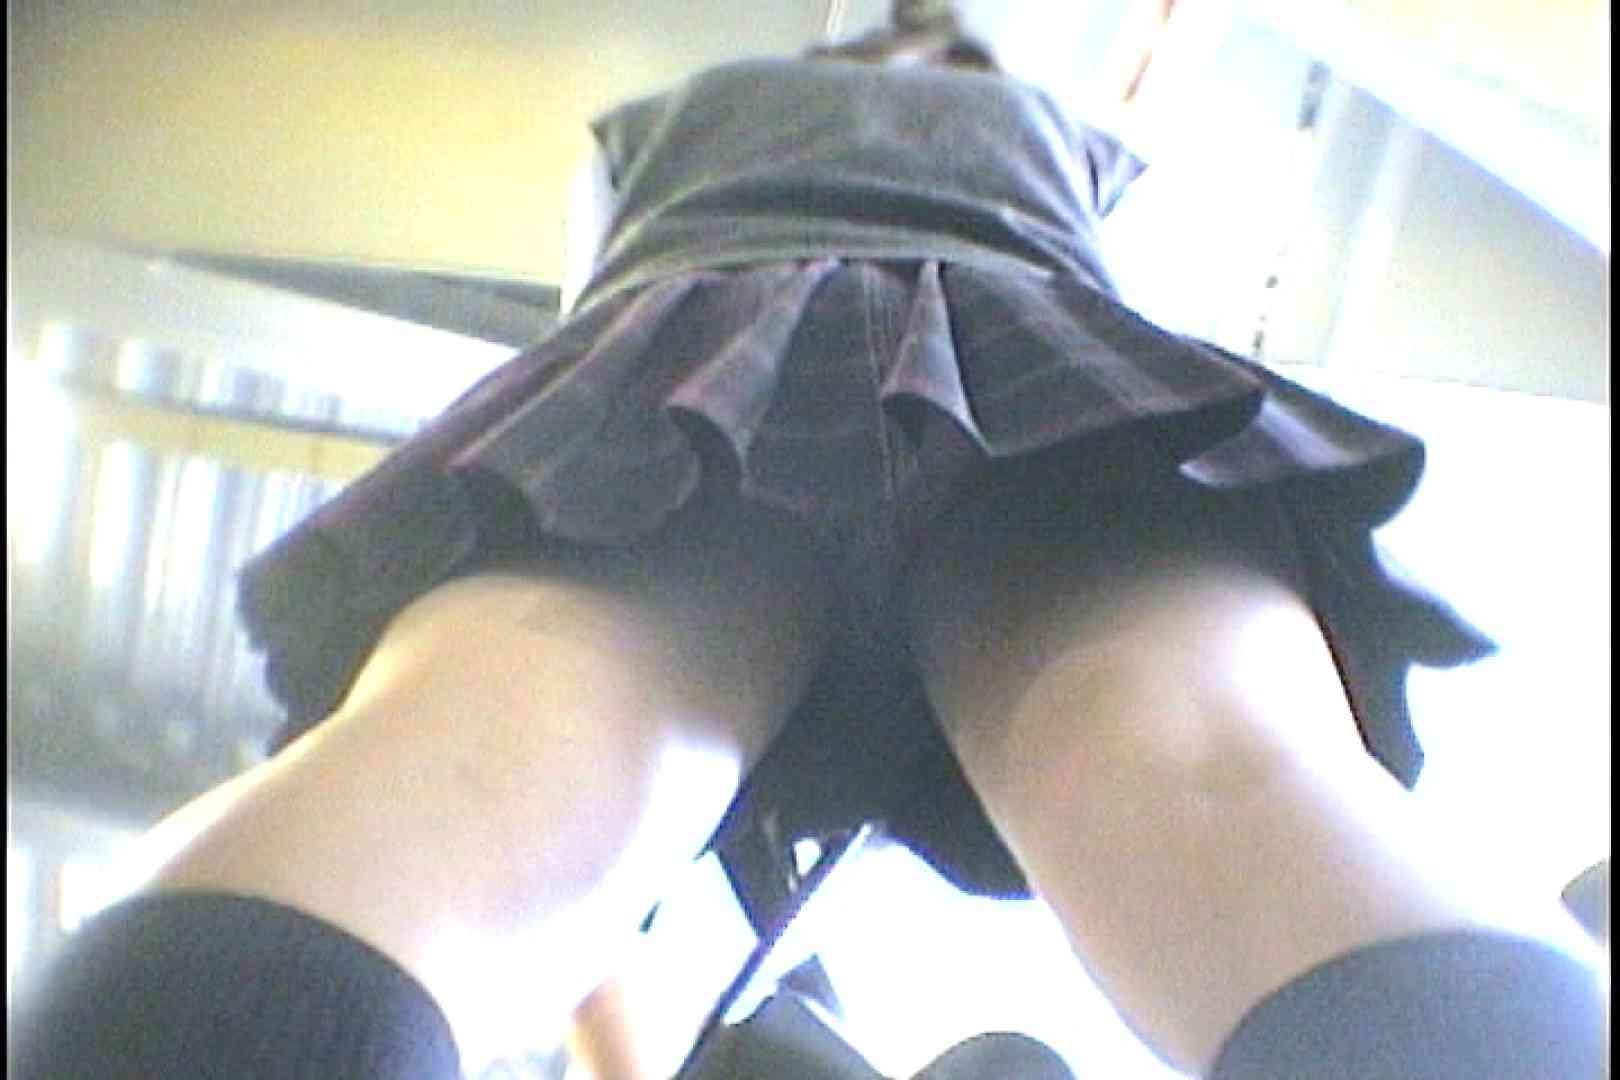 無修正エロ動画|会員No.1番 KAIさんのパンチラ現役女子の会|怪盗ジョーカー